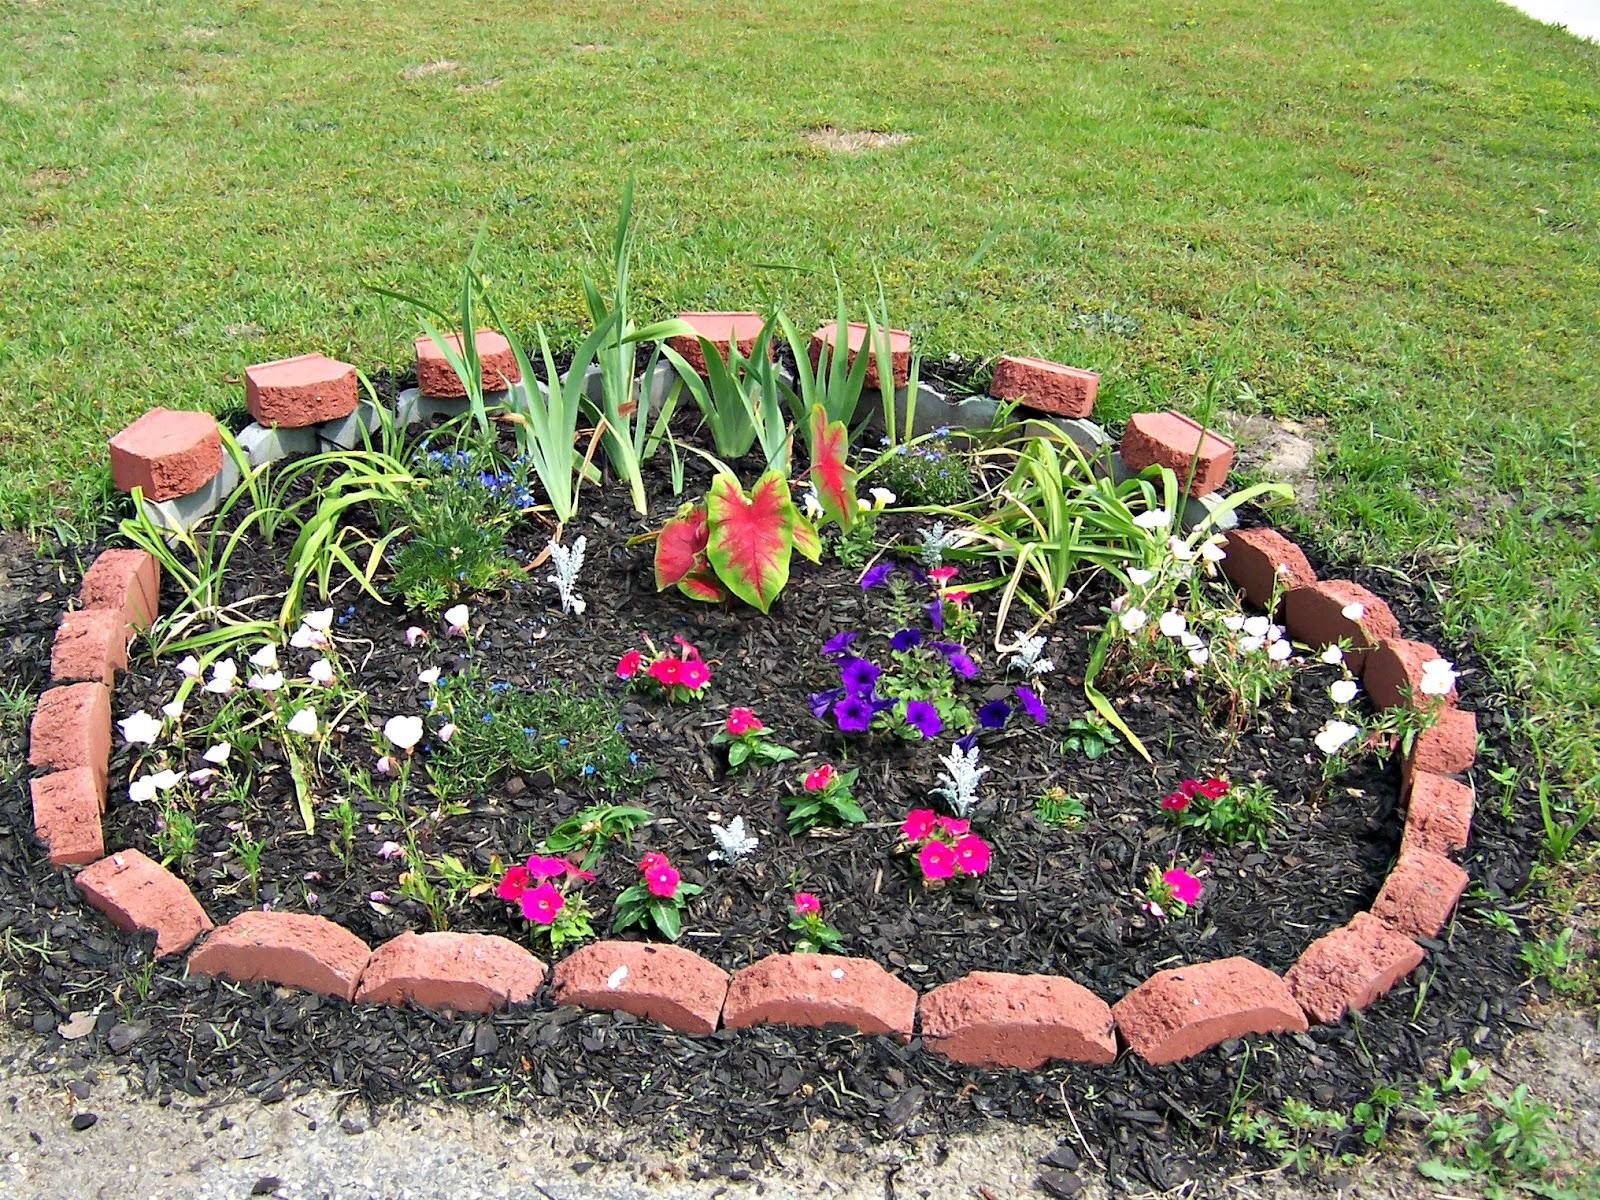 Pietre Da Giardino Per Aiuole : Come creare aiuole fiorite senza spendere troppo guida giardino